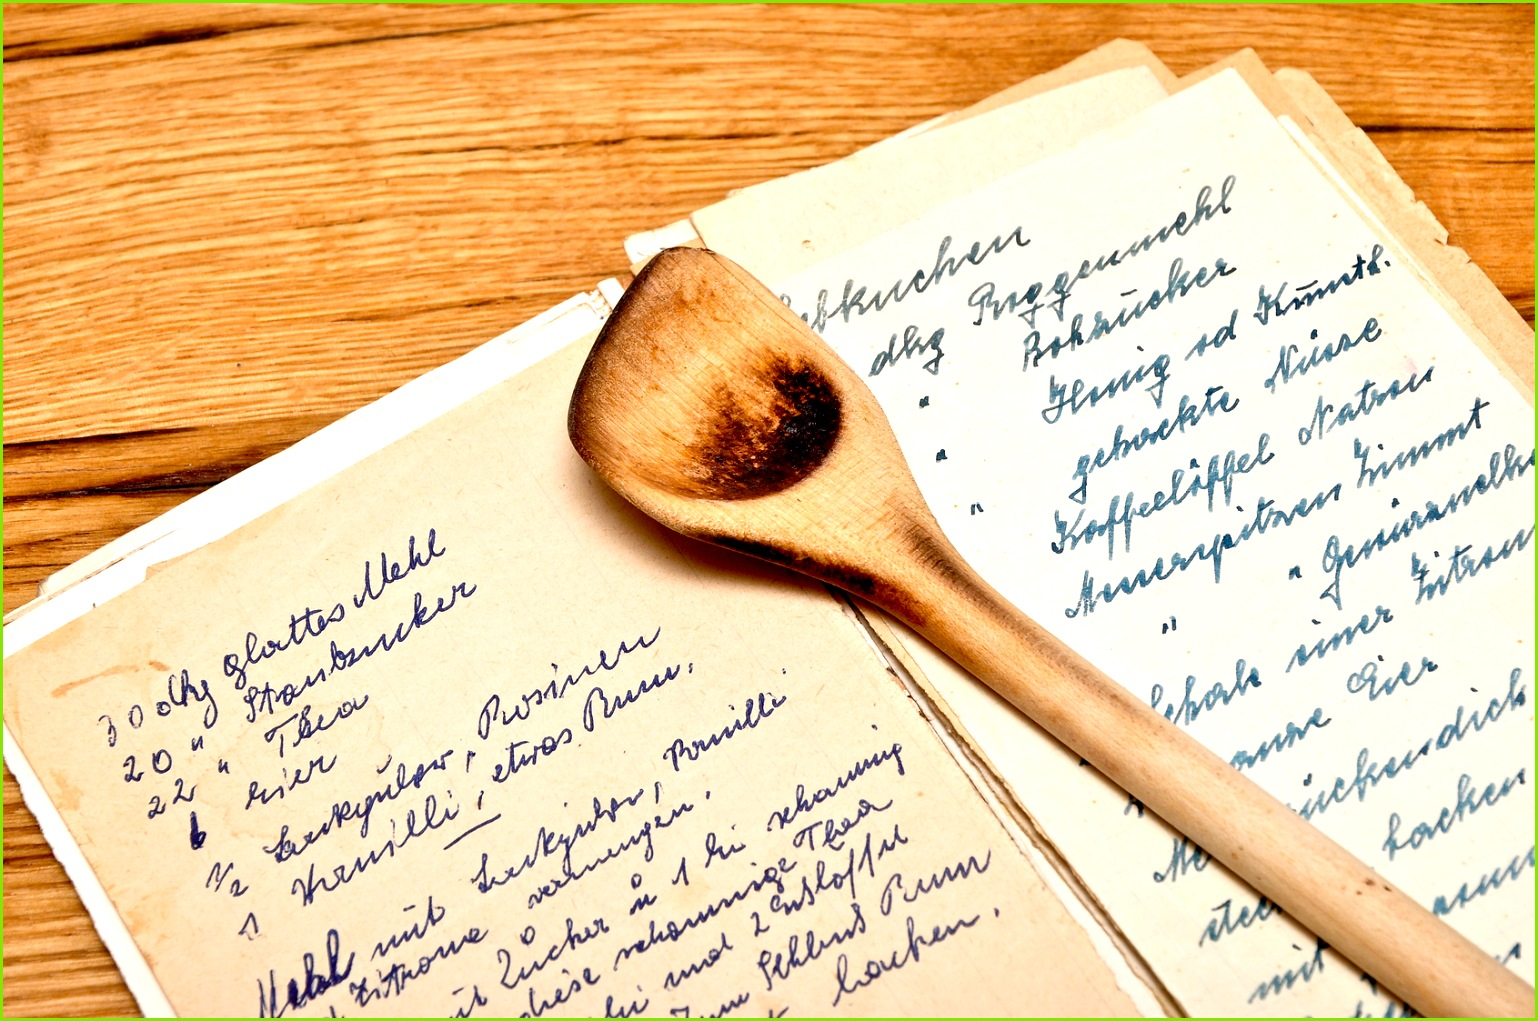 Kochbuch selber machen – Schritt für Schritt Anleitung